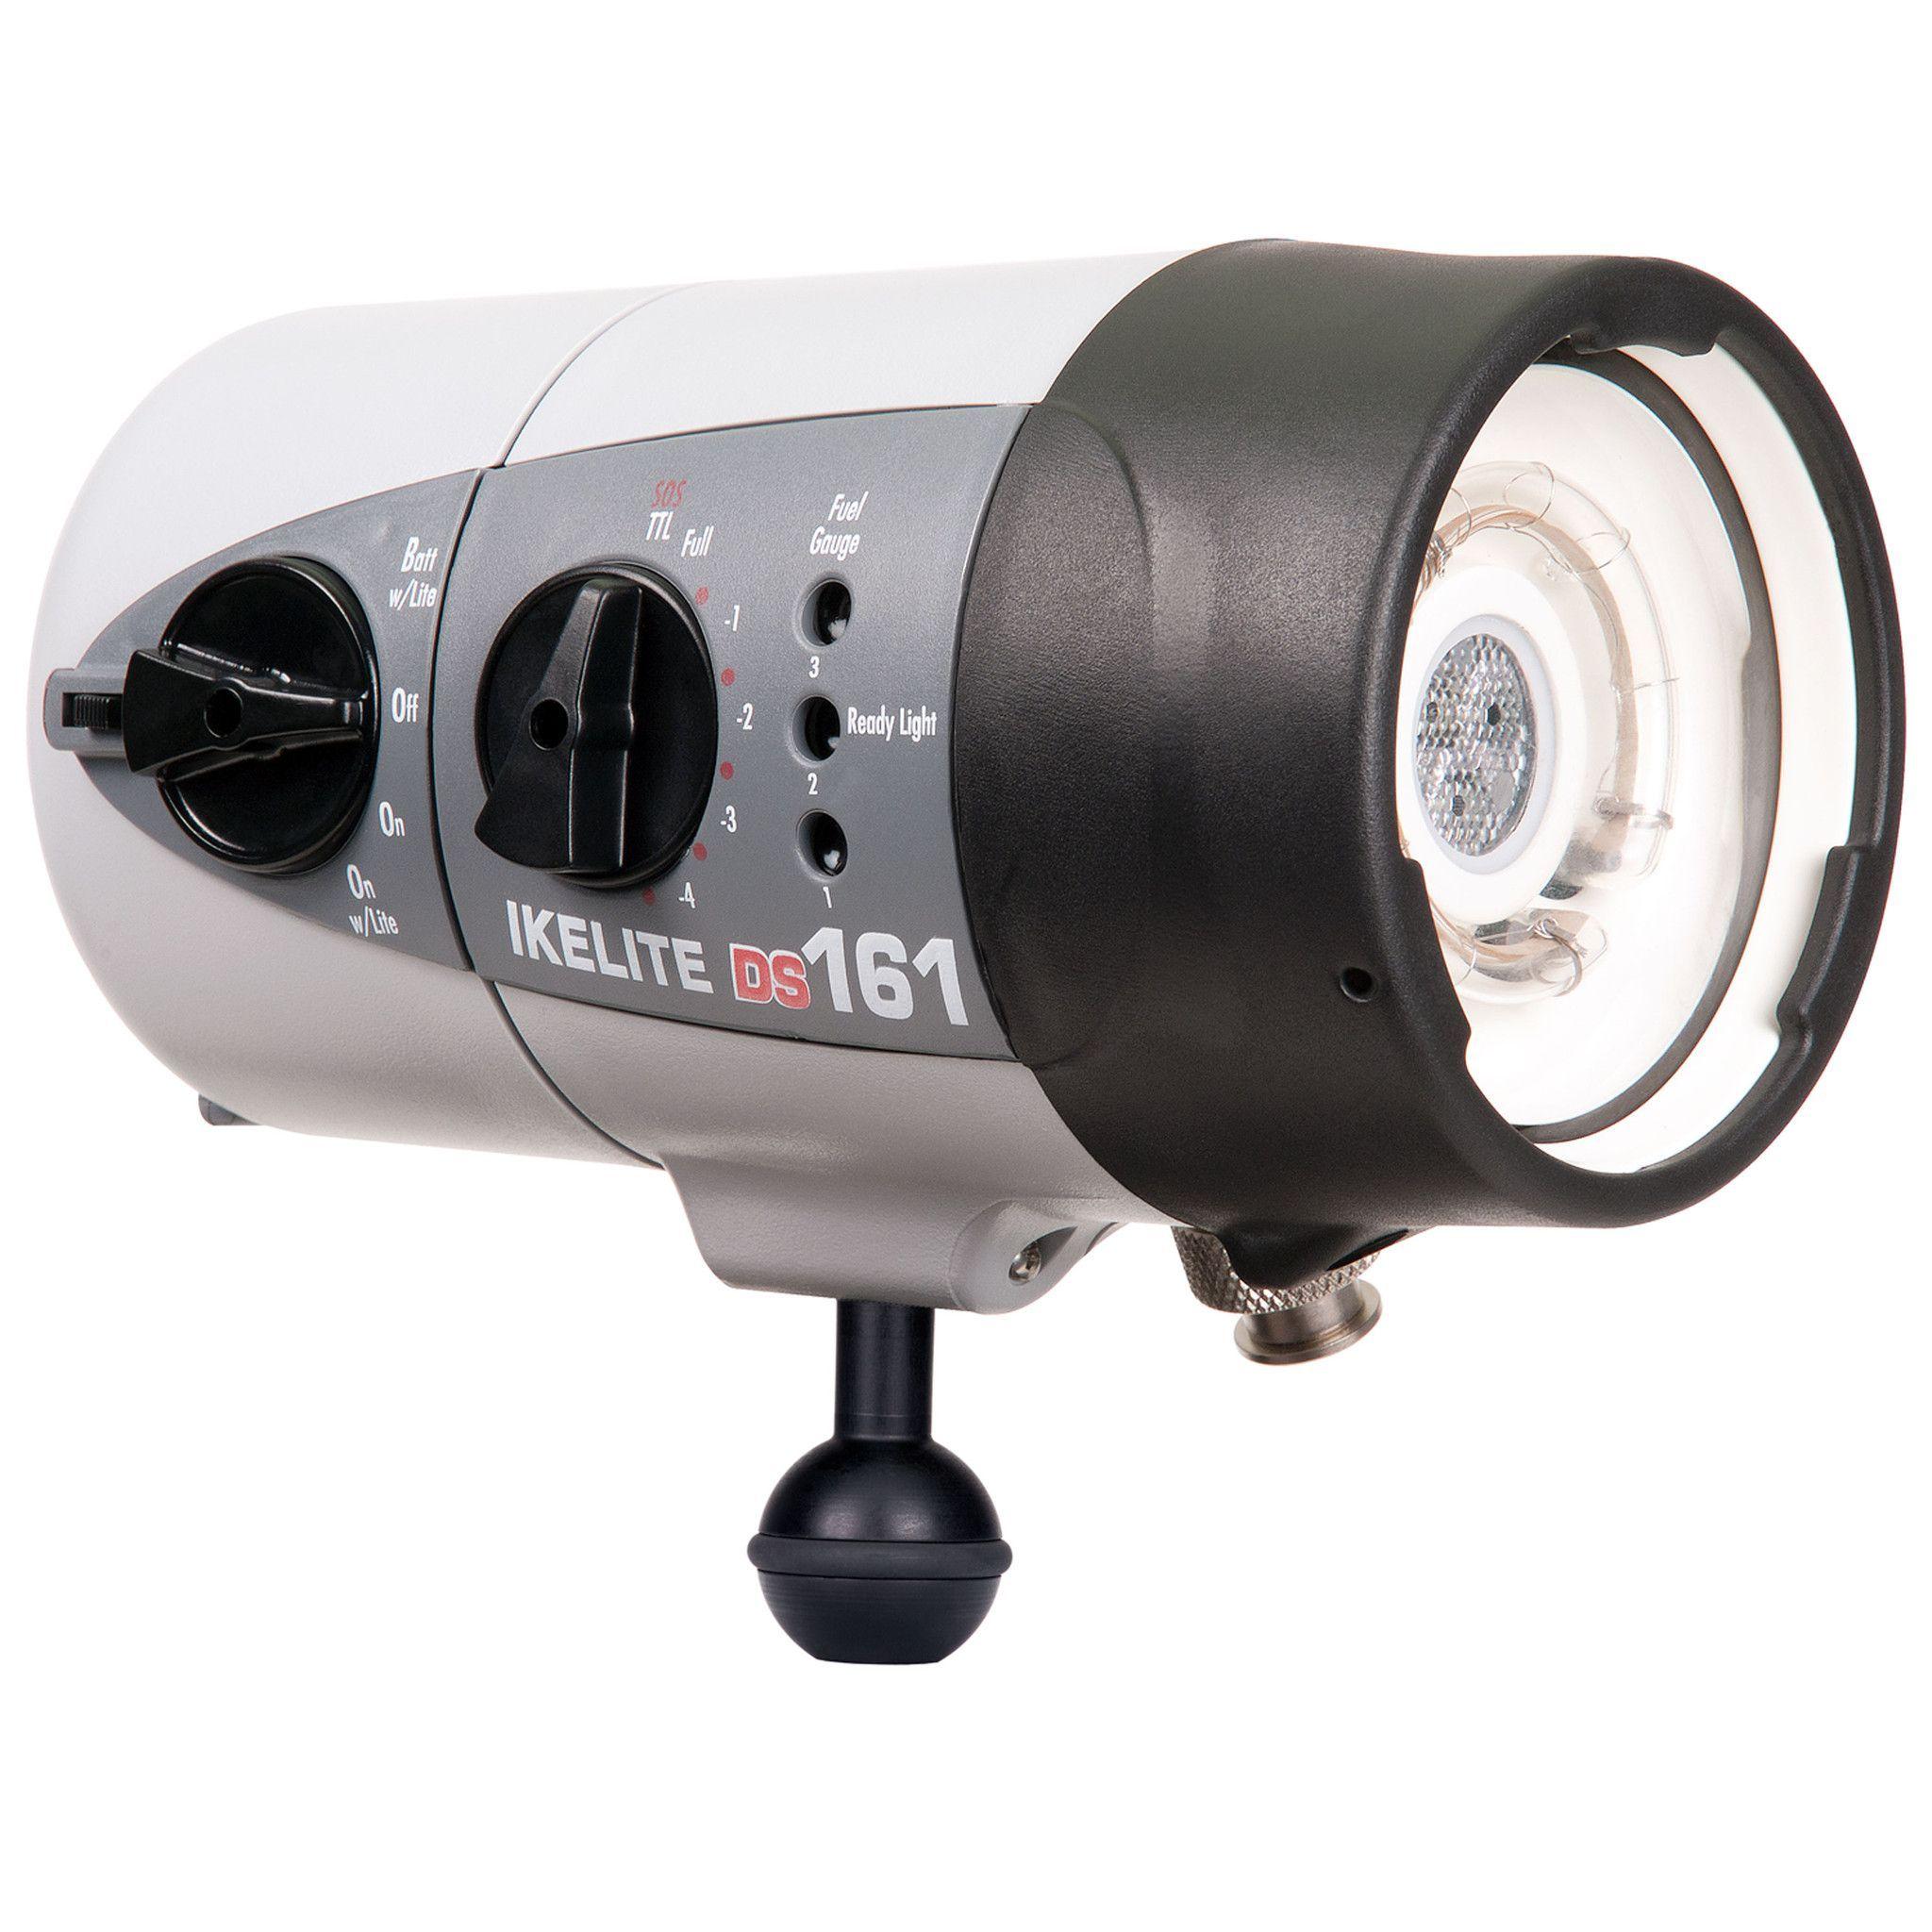 Ikelite DS161 Strobe & Video Light with NiMH Battery (EUROPEAN)